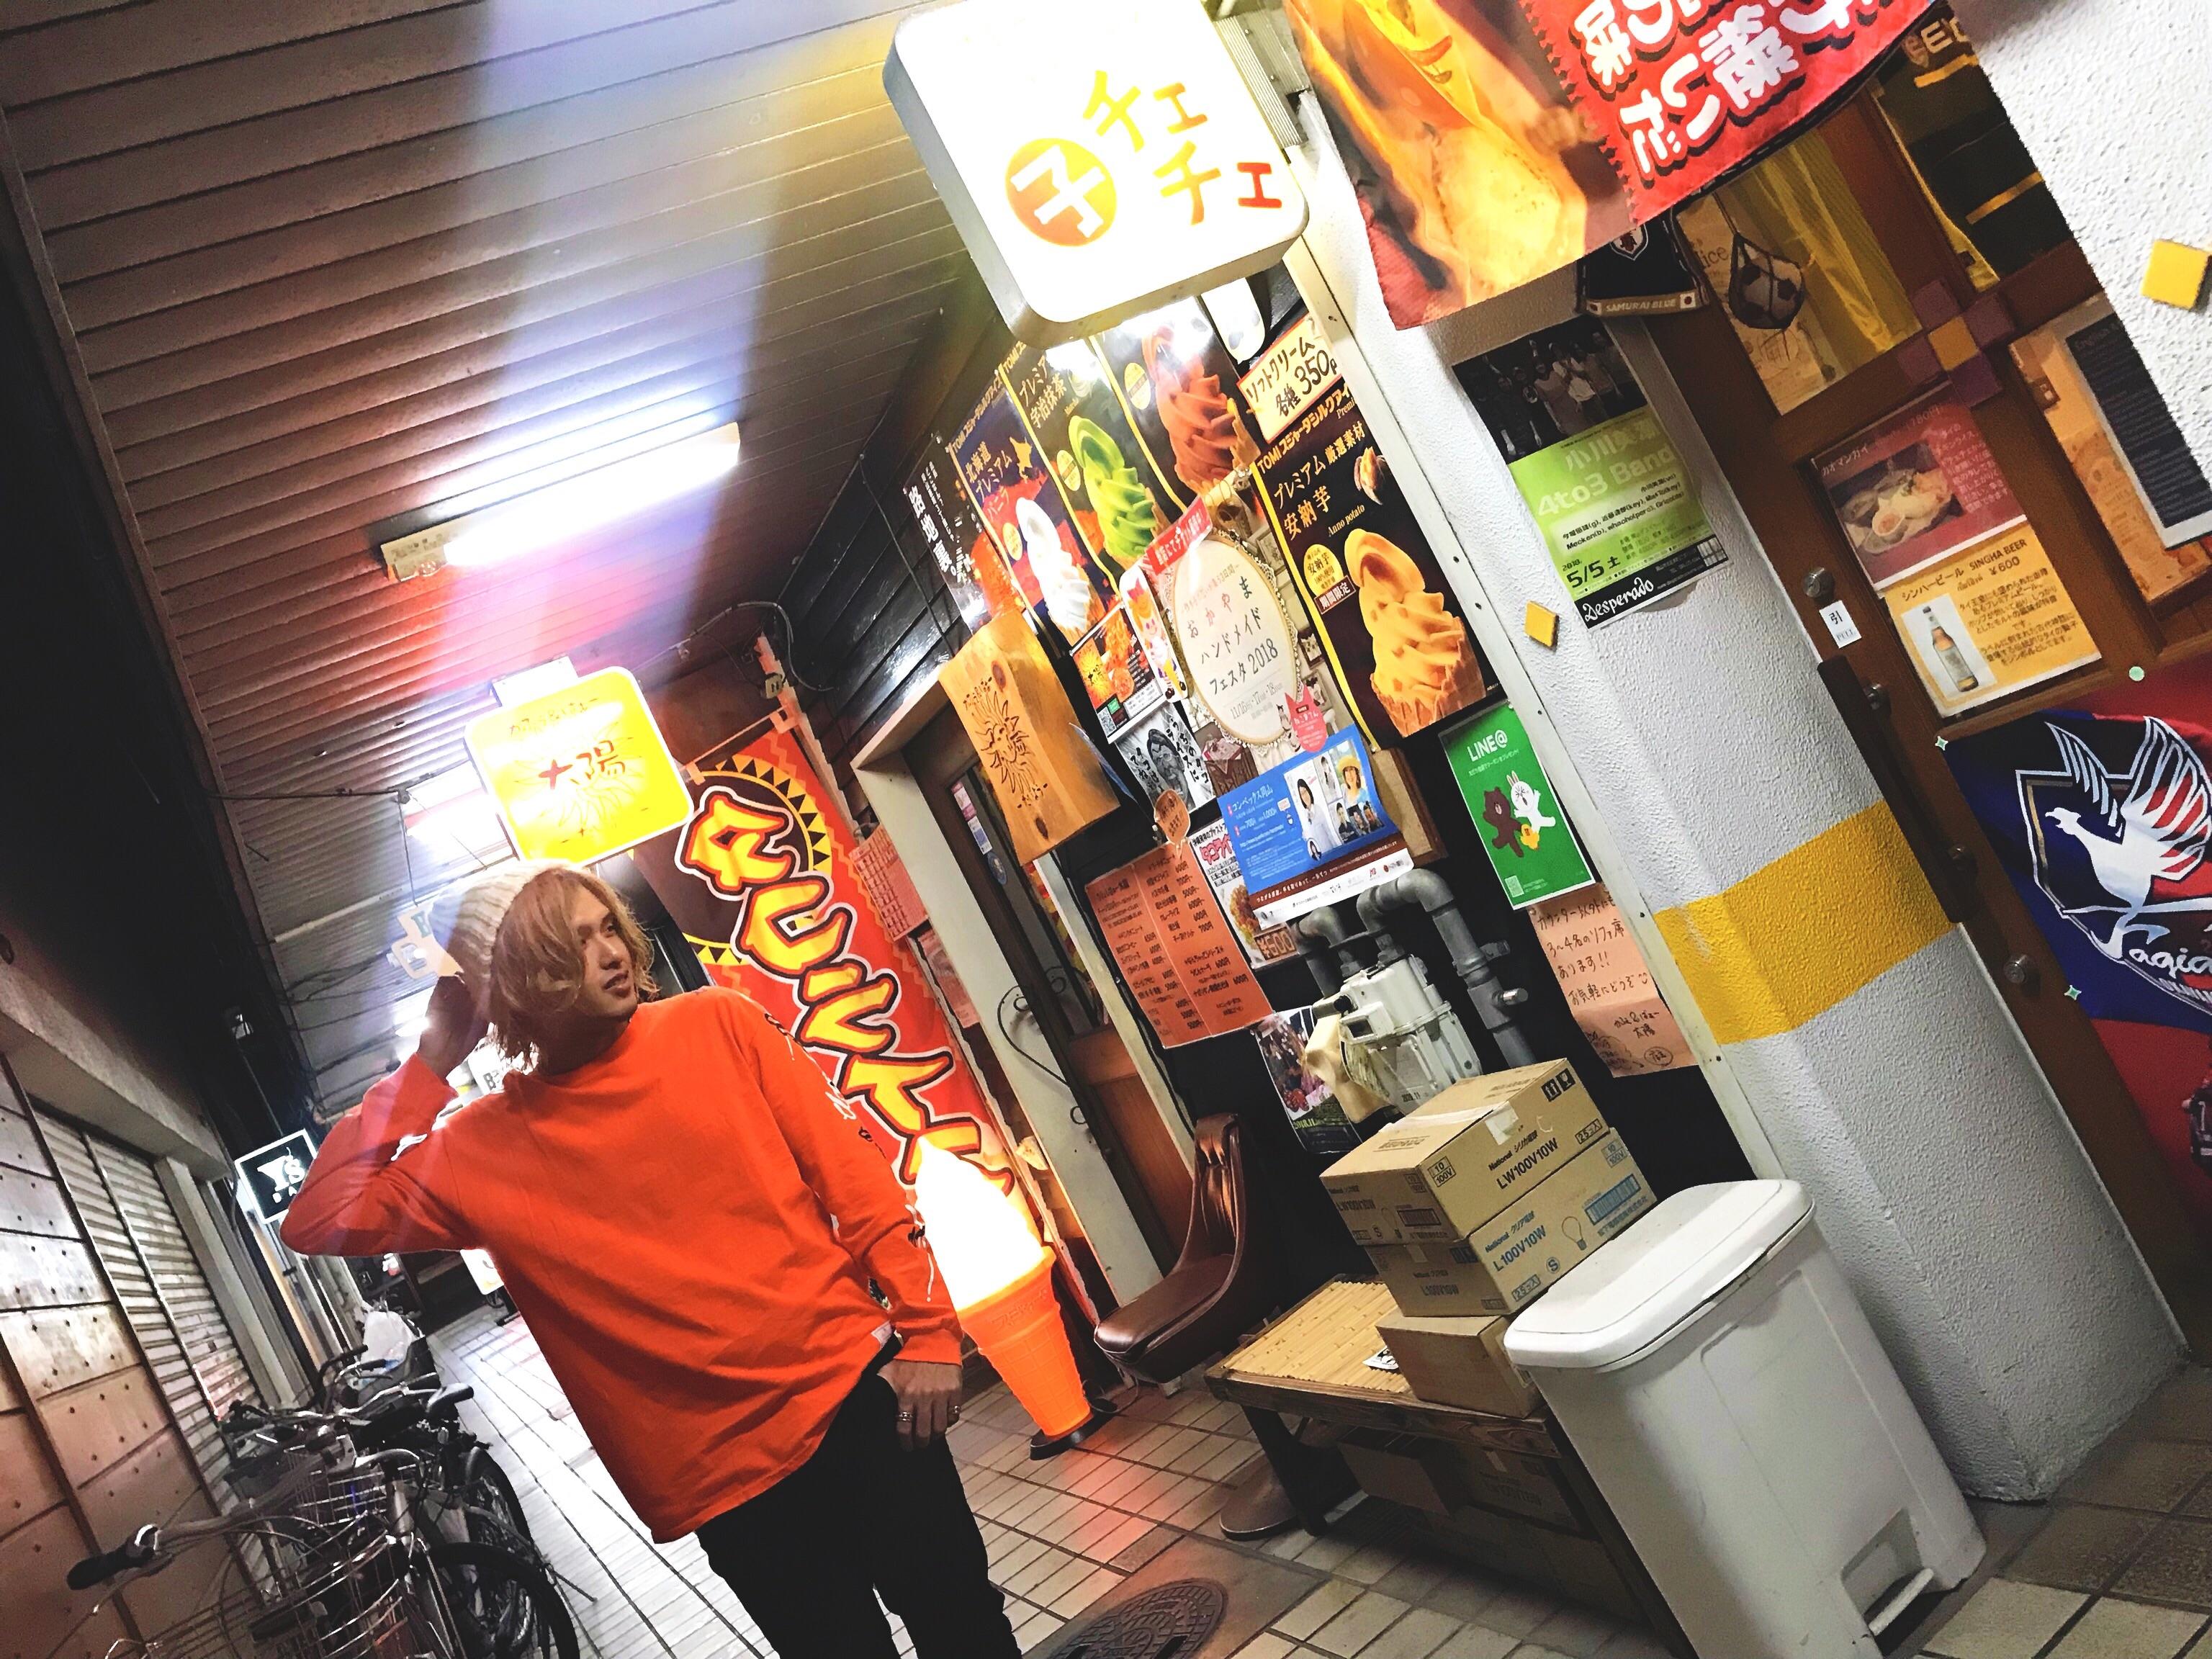 f:id:Yosuke0912:20181026215337j:image